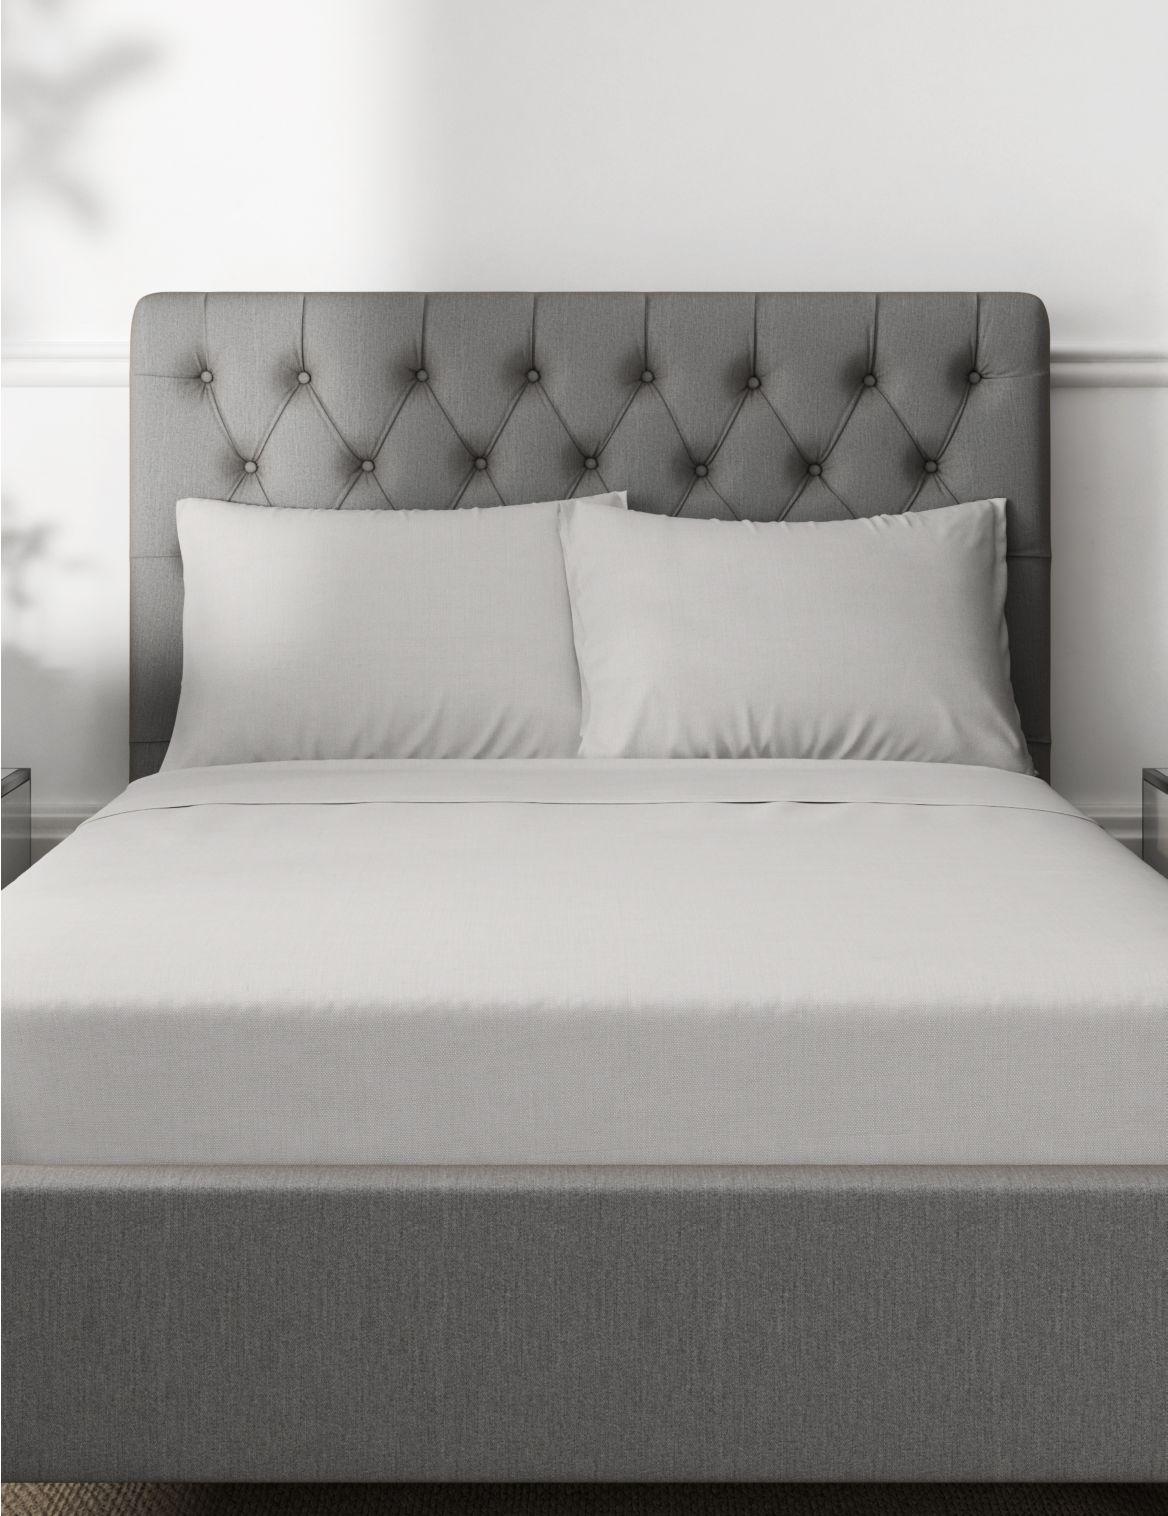 Percale 300 Thread Count Pillowcase Grey